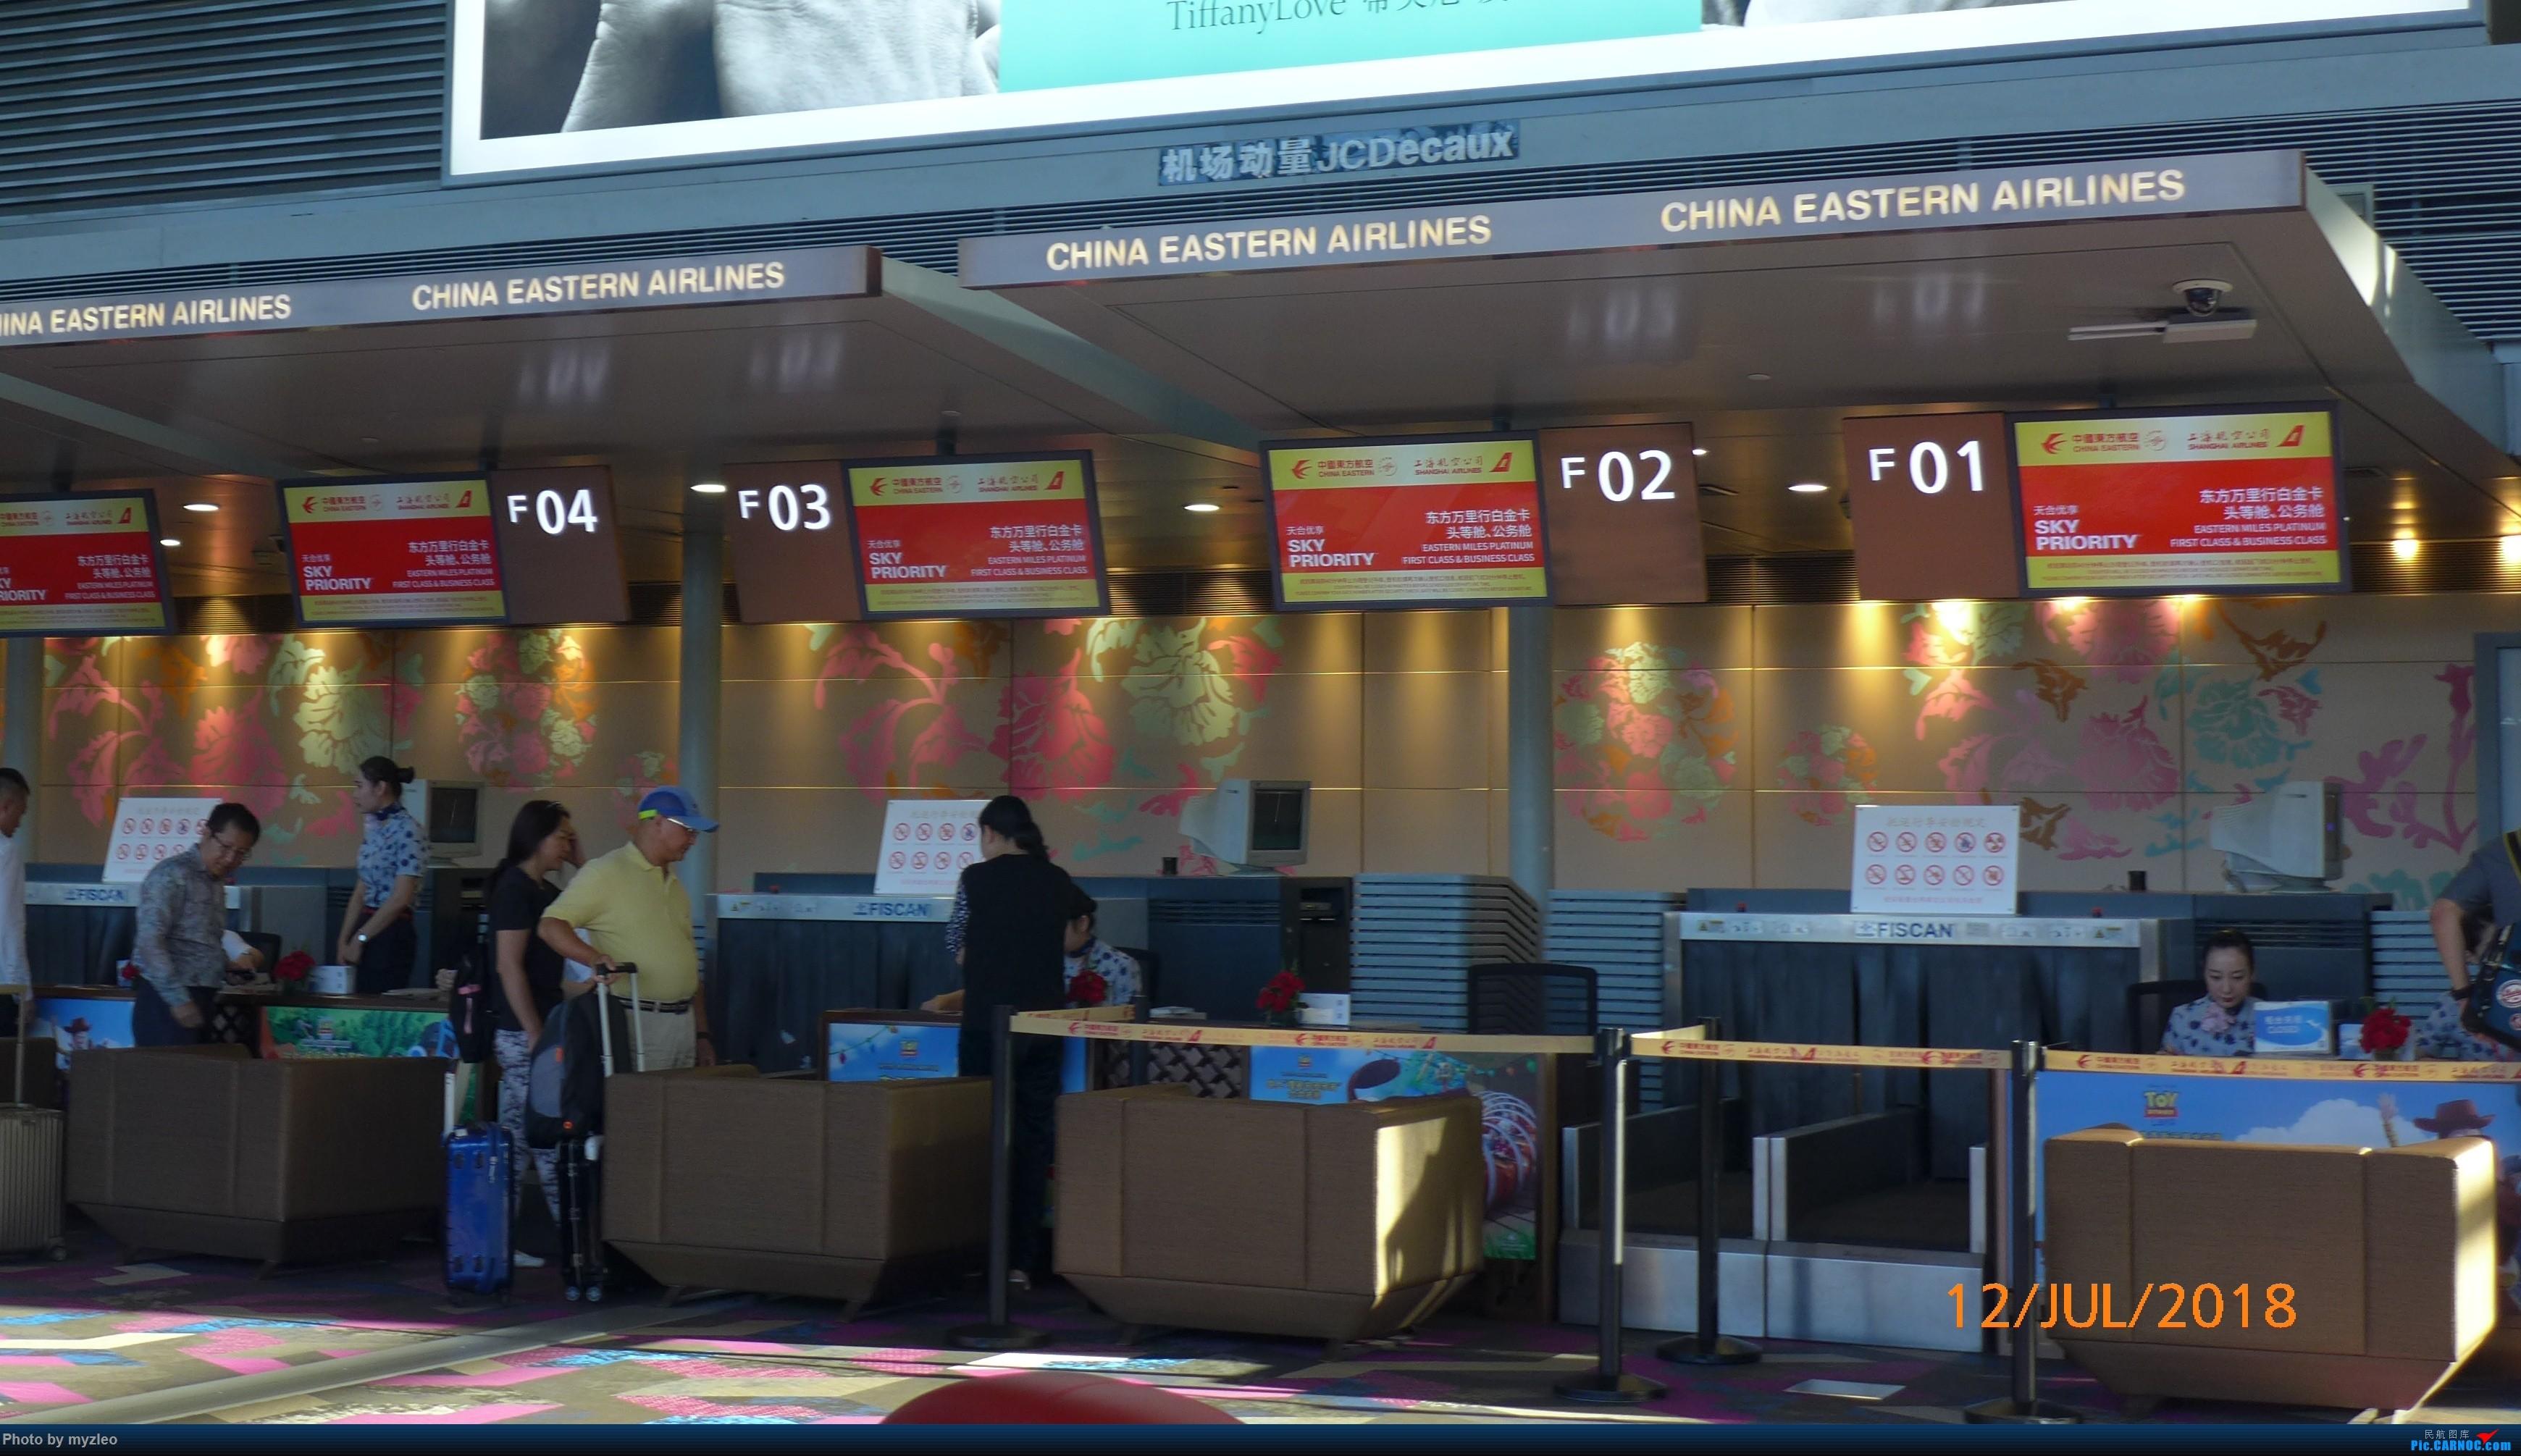 Re:[原创]【myzleo的游记2.1】昆洱风光(1)——SHA-KMG上航商务舱再体验+人在昆明    中国上海虹桥国际机场